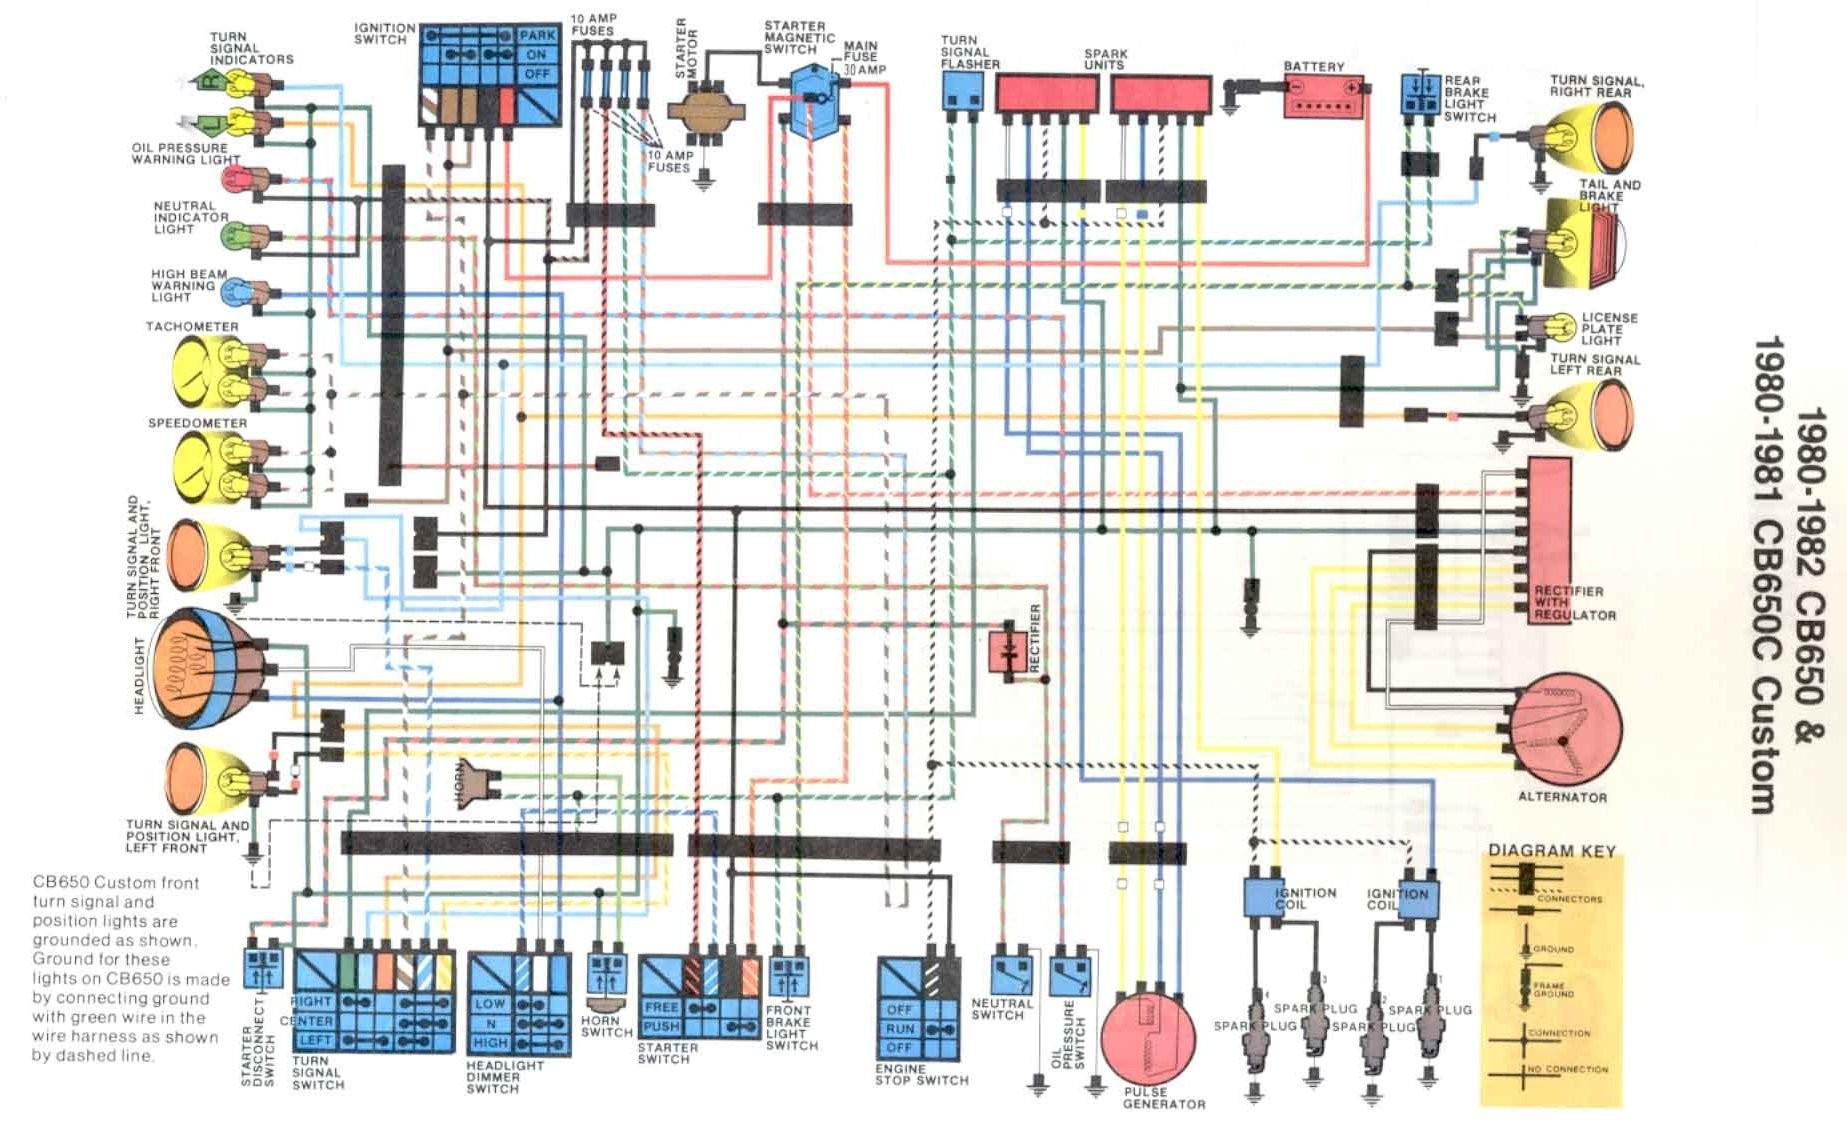 gl1100 wiring harness diagram wiring diagram  gl1100 wiring diagram wiring diagram